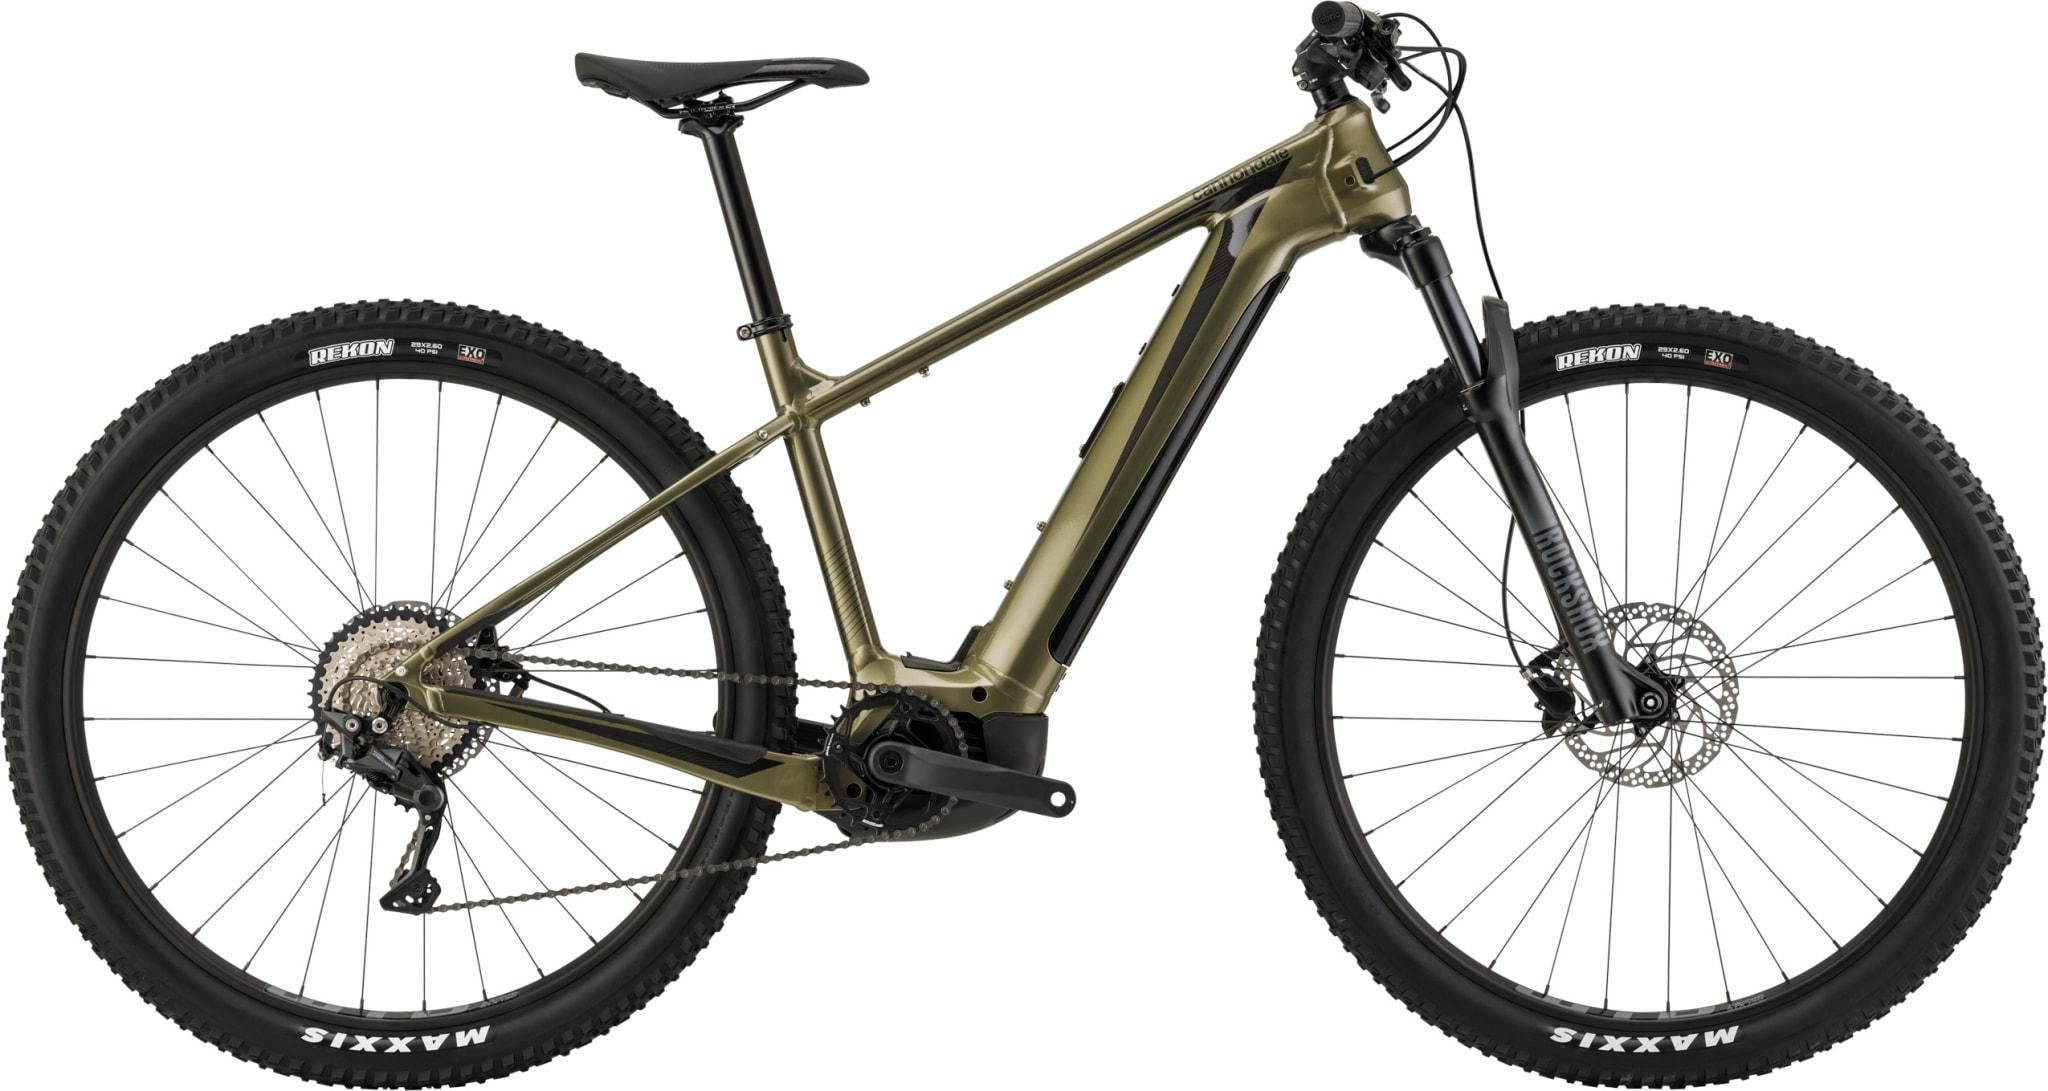 Perfekt el-sykkel for deg som vil sykle både på asfalt og i skogen